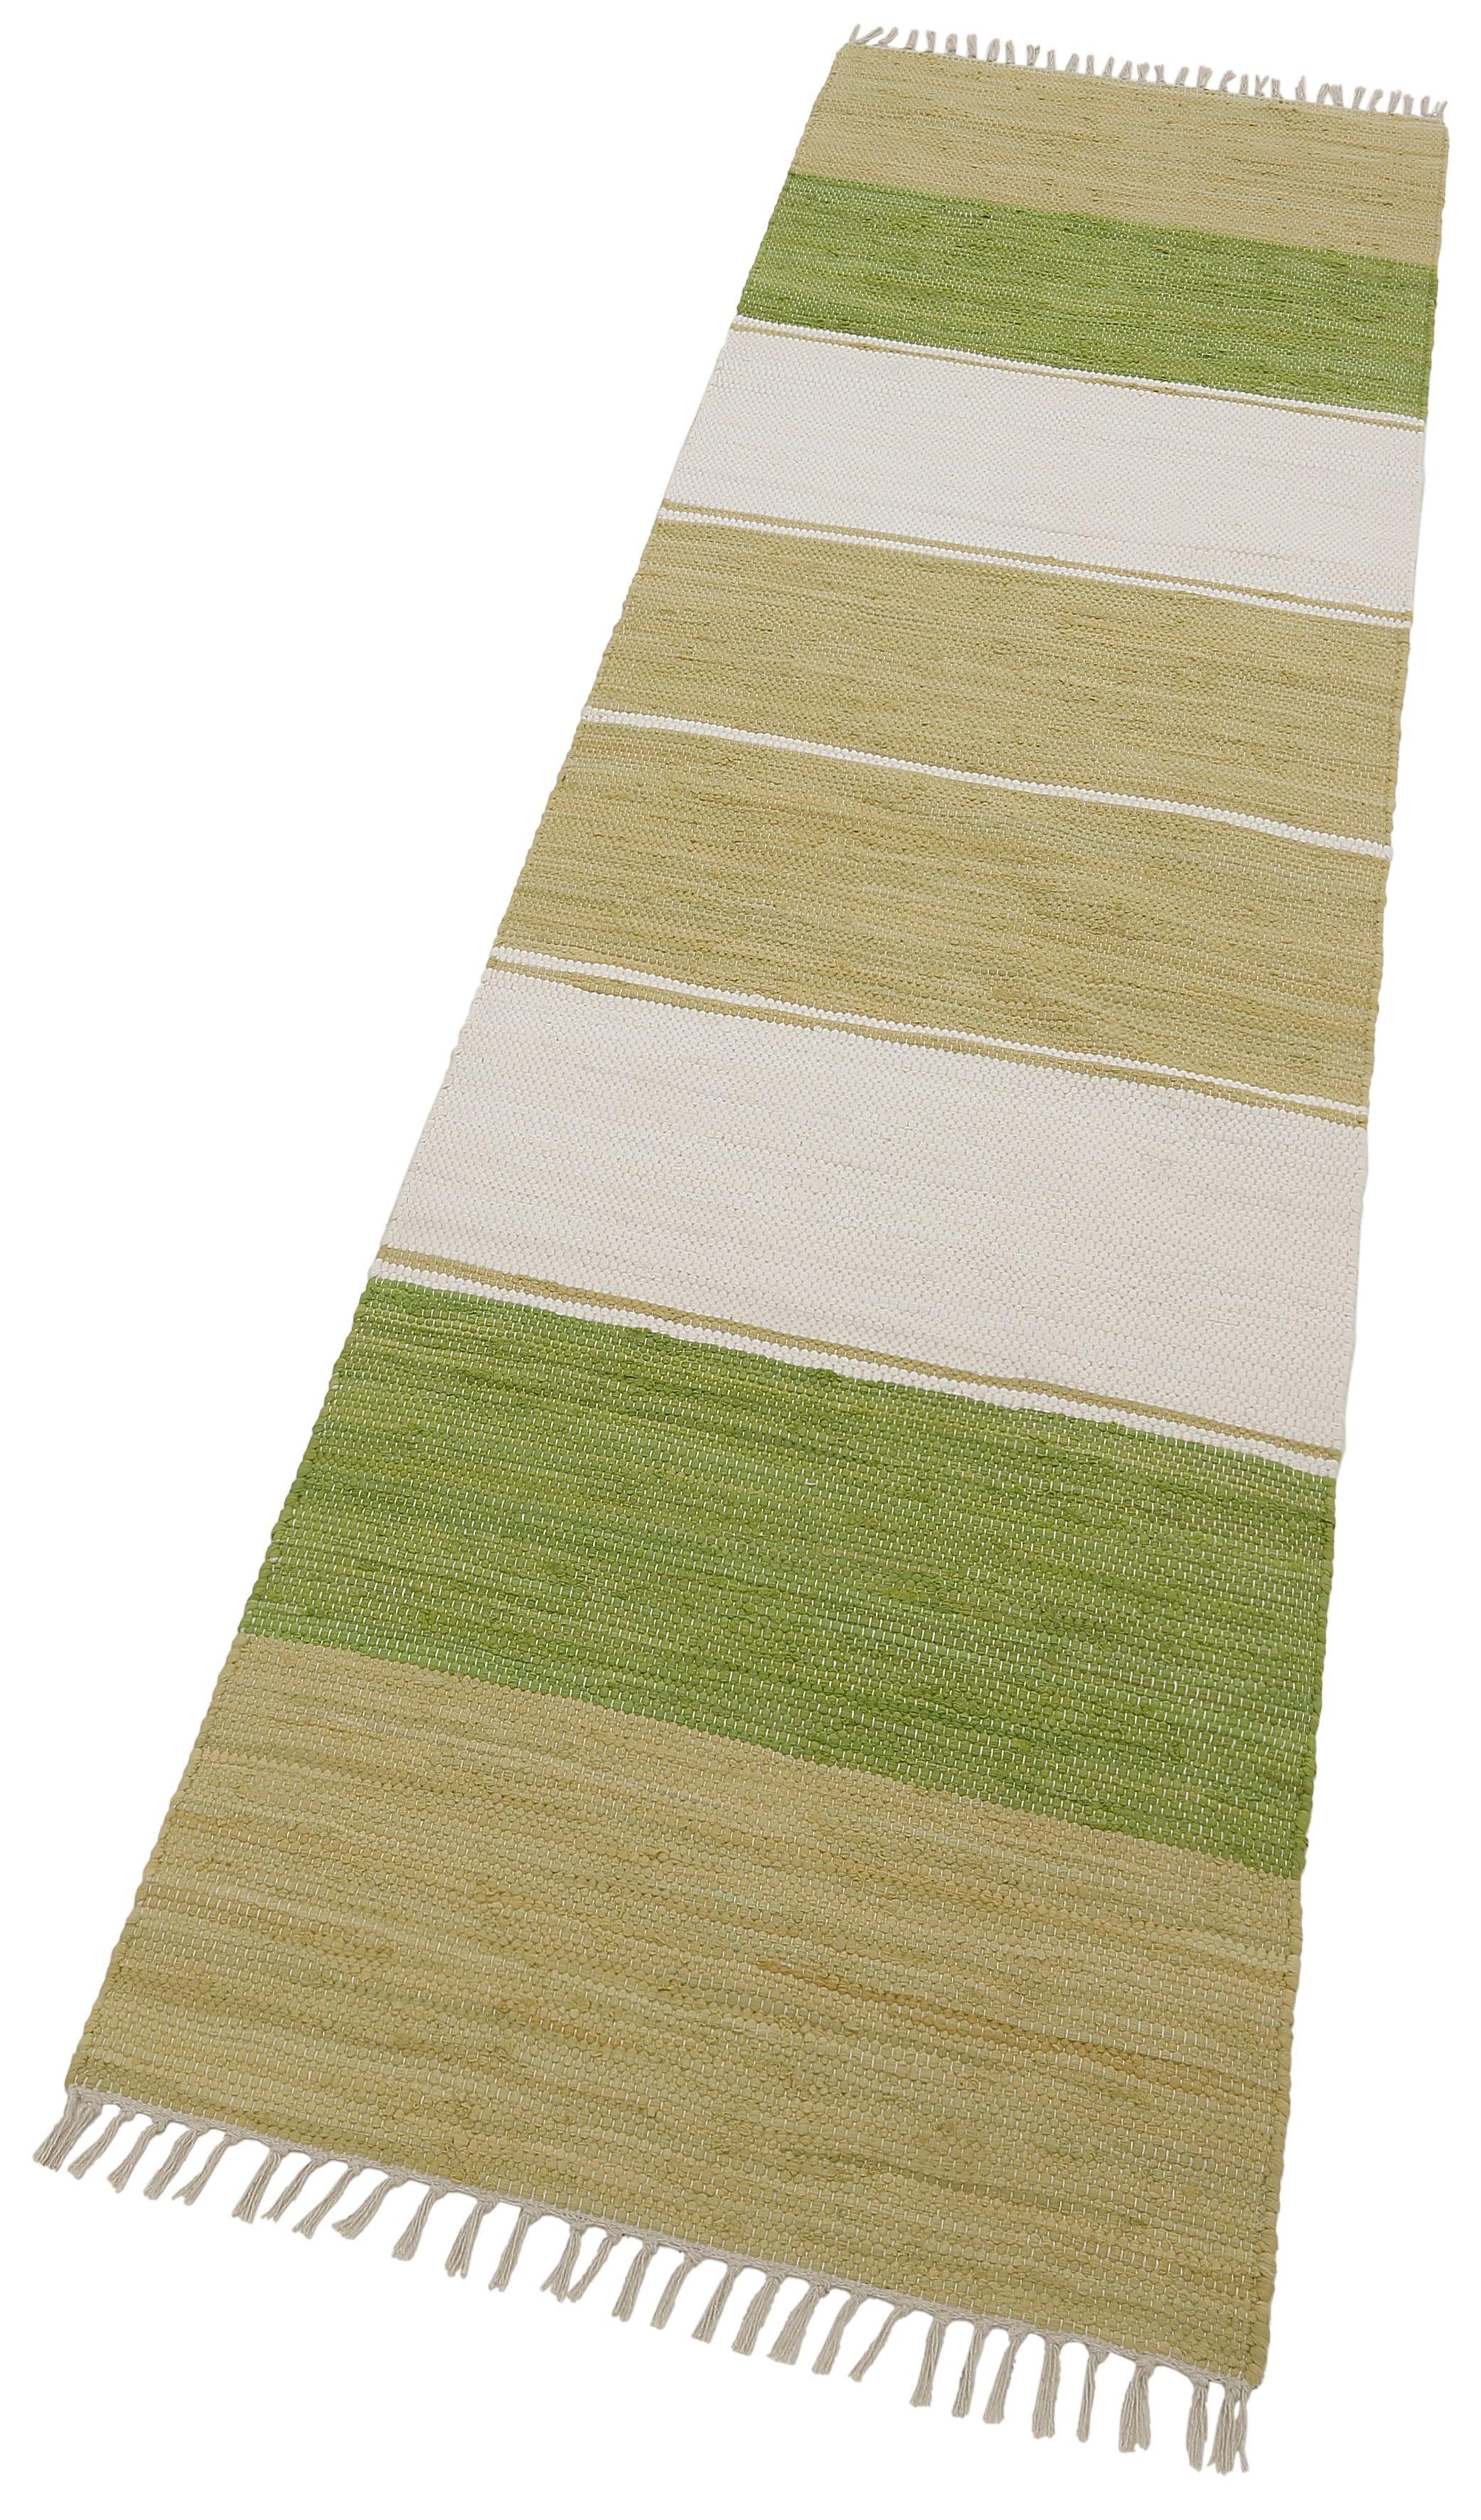 Läufer Stripe Cotton THEKO rechteckig Höhe 5 mm handgewebt